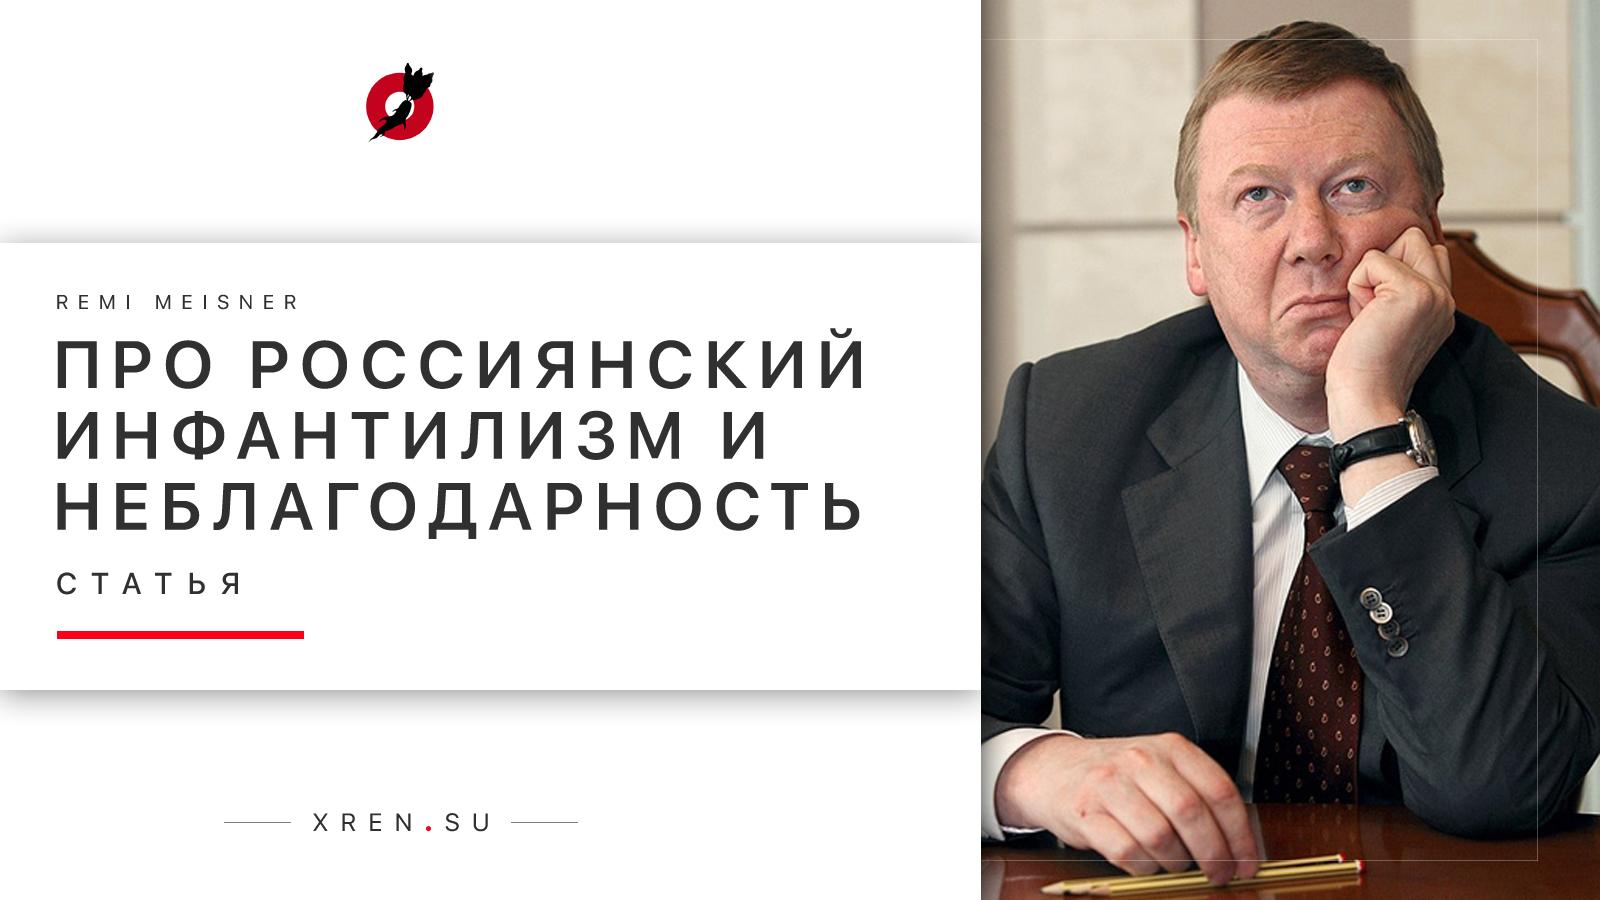 Про россиянский инфантилизм и россиянскую же неблагодарность